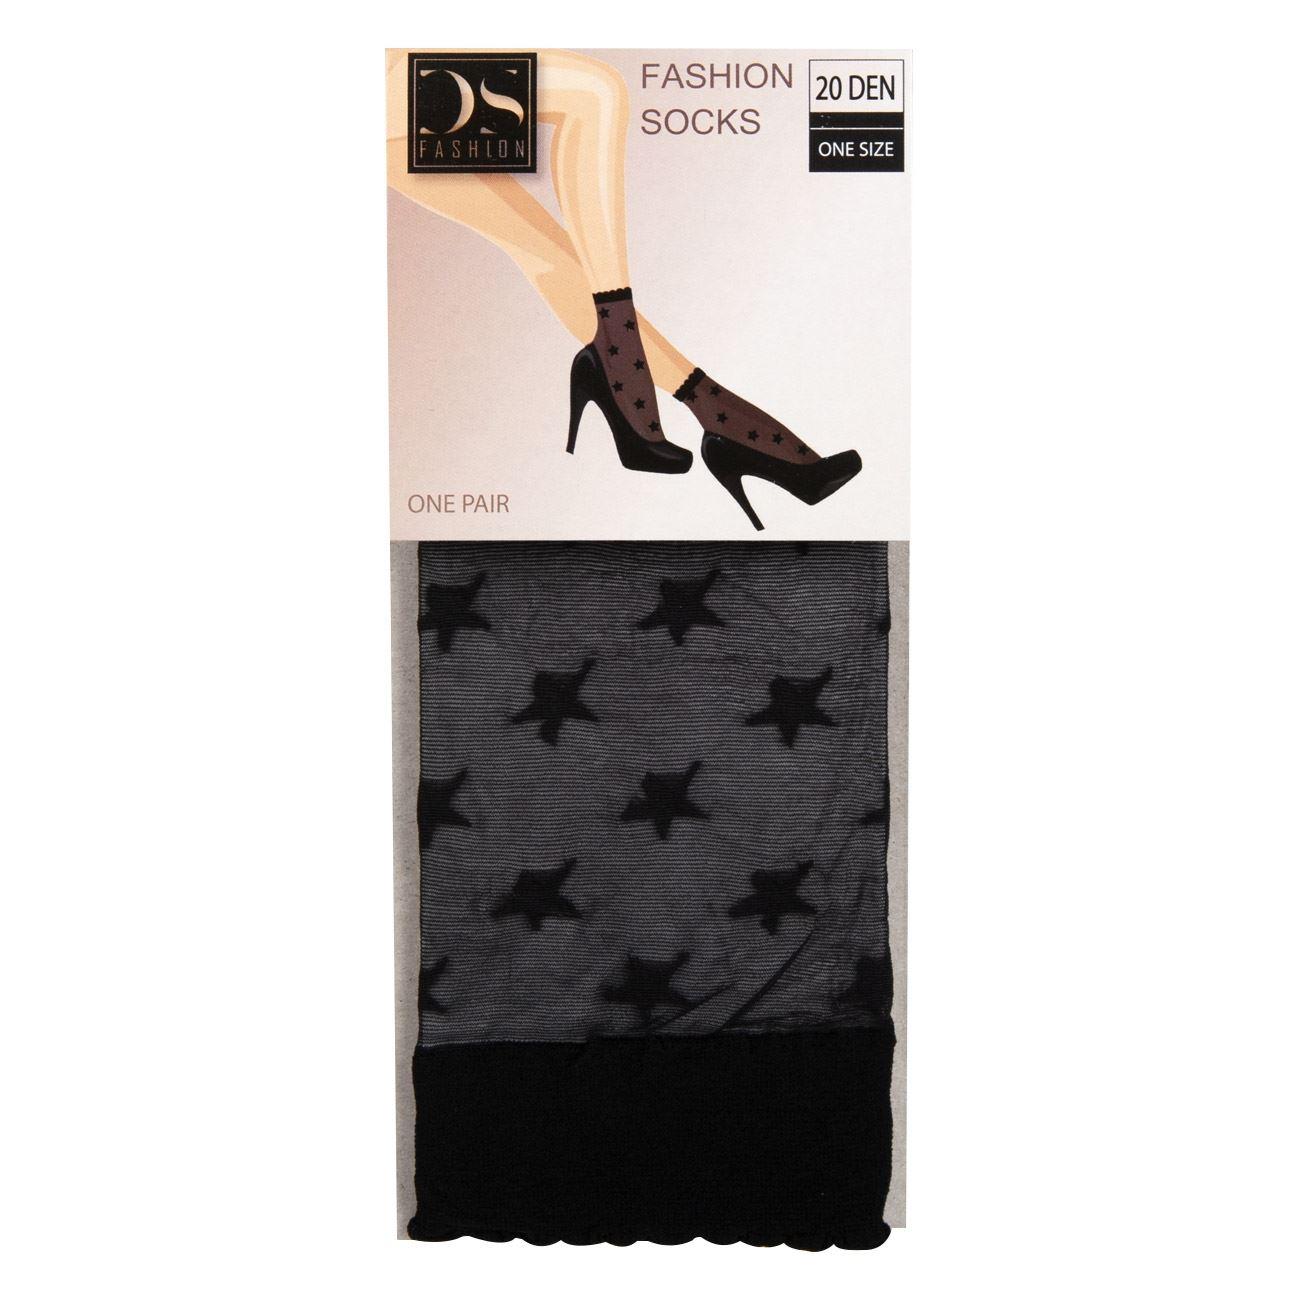 Καλτσάκια Γυναικεία Μαύρα Σοσόνια Αστέρια 20Den - One Size   Καλσόν ... 84eb1204619